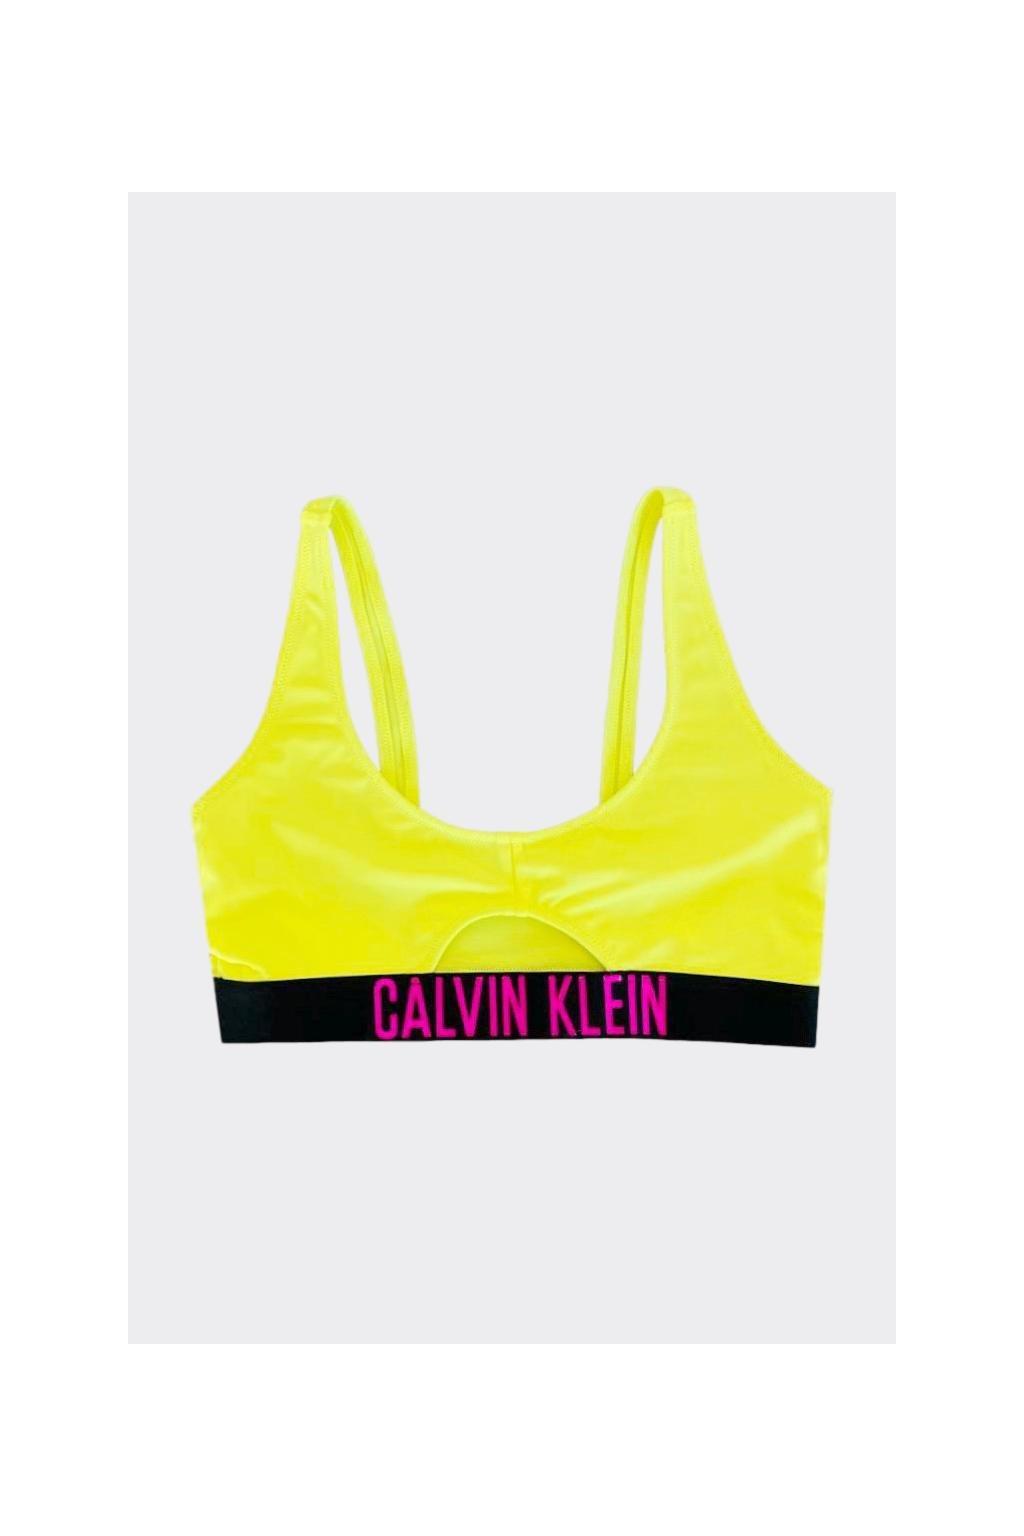 Calvin Klein Intense Power Cut out vrchní díl plavek - neonově žlutá